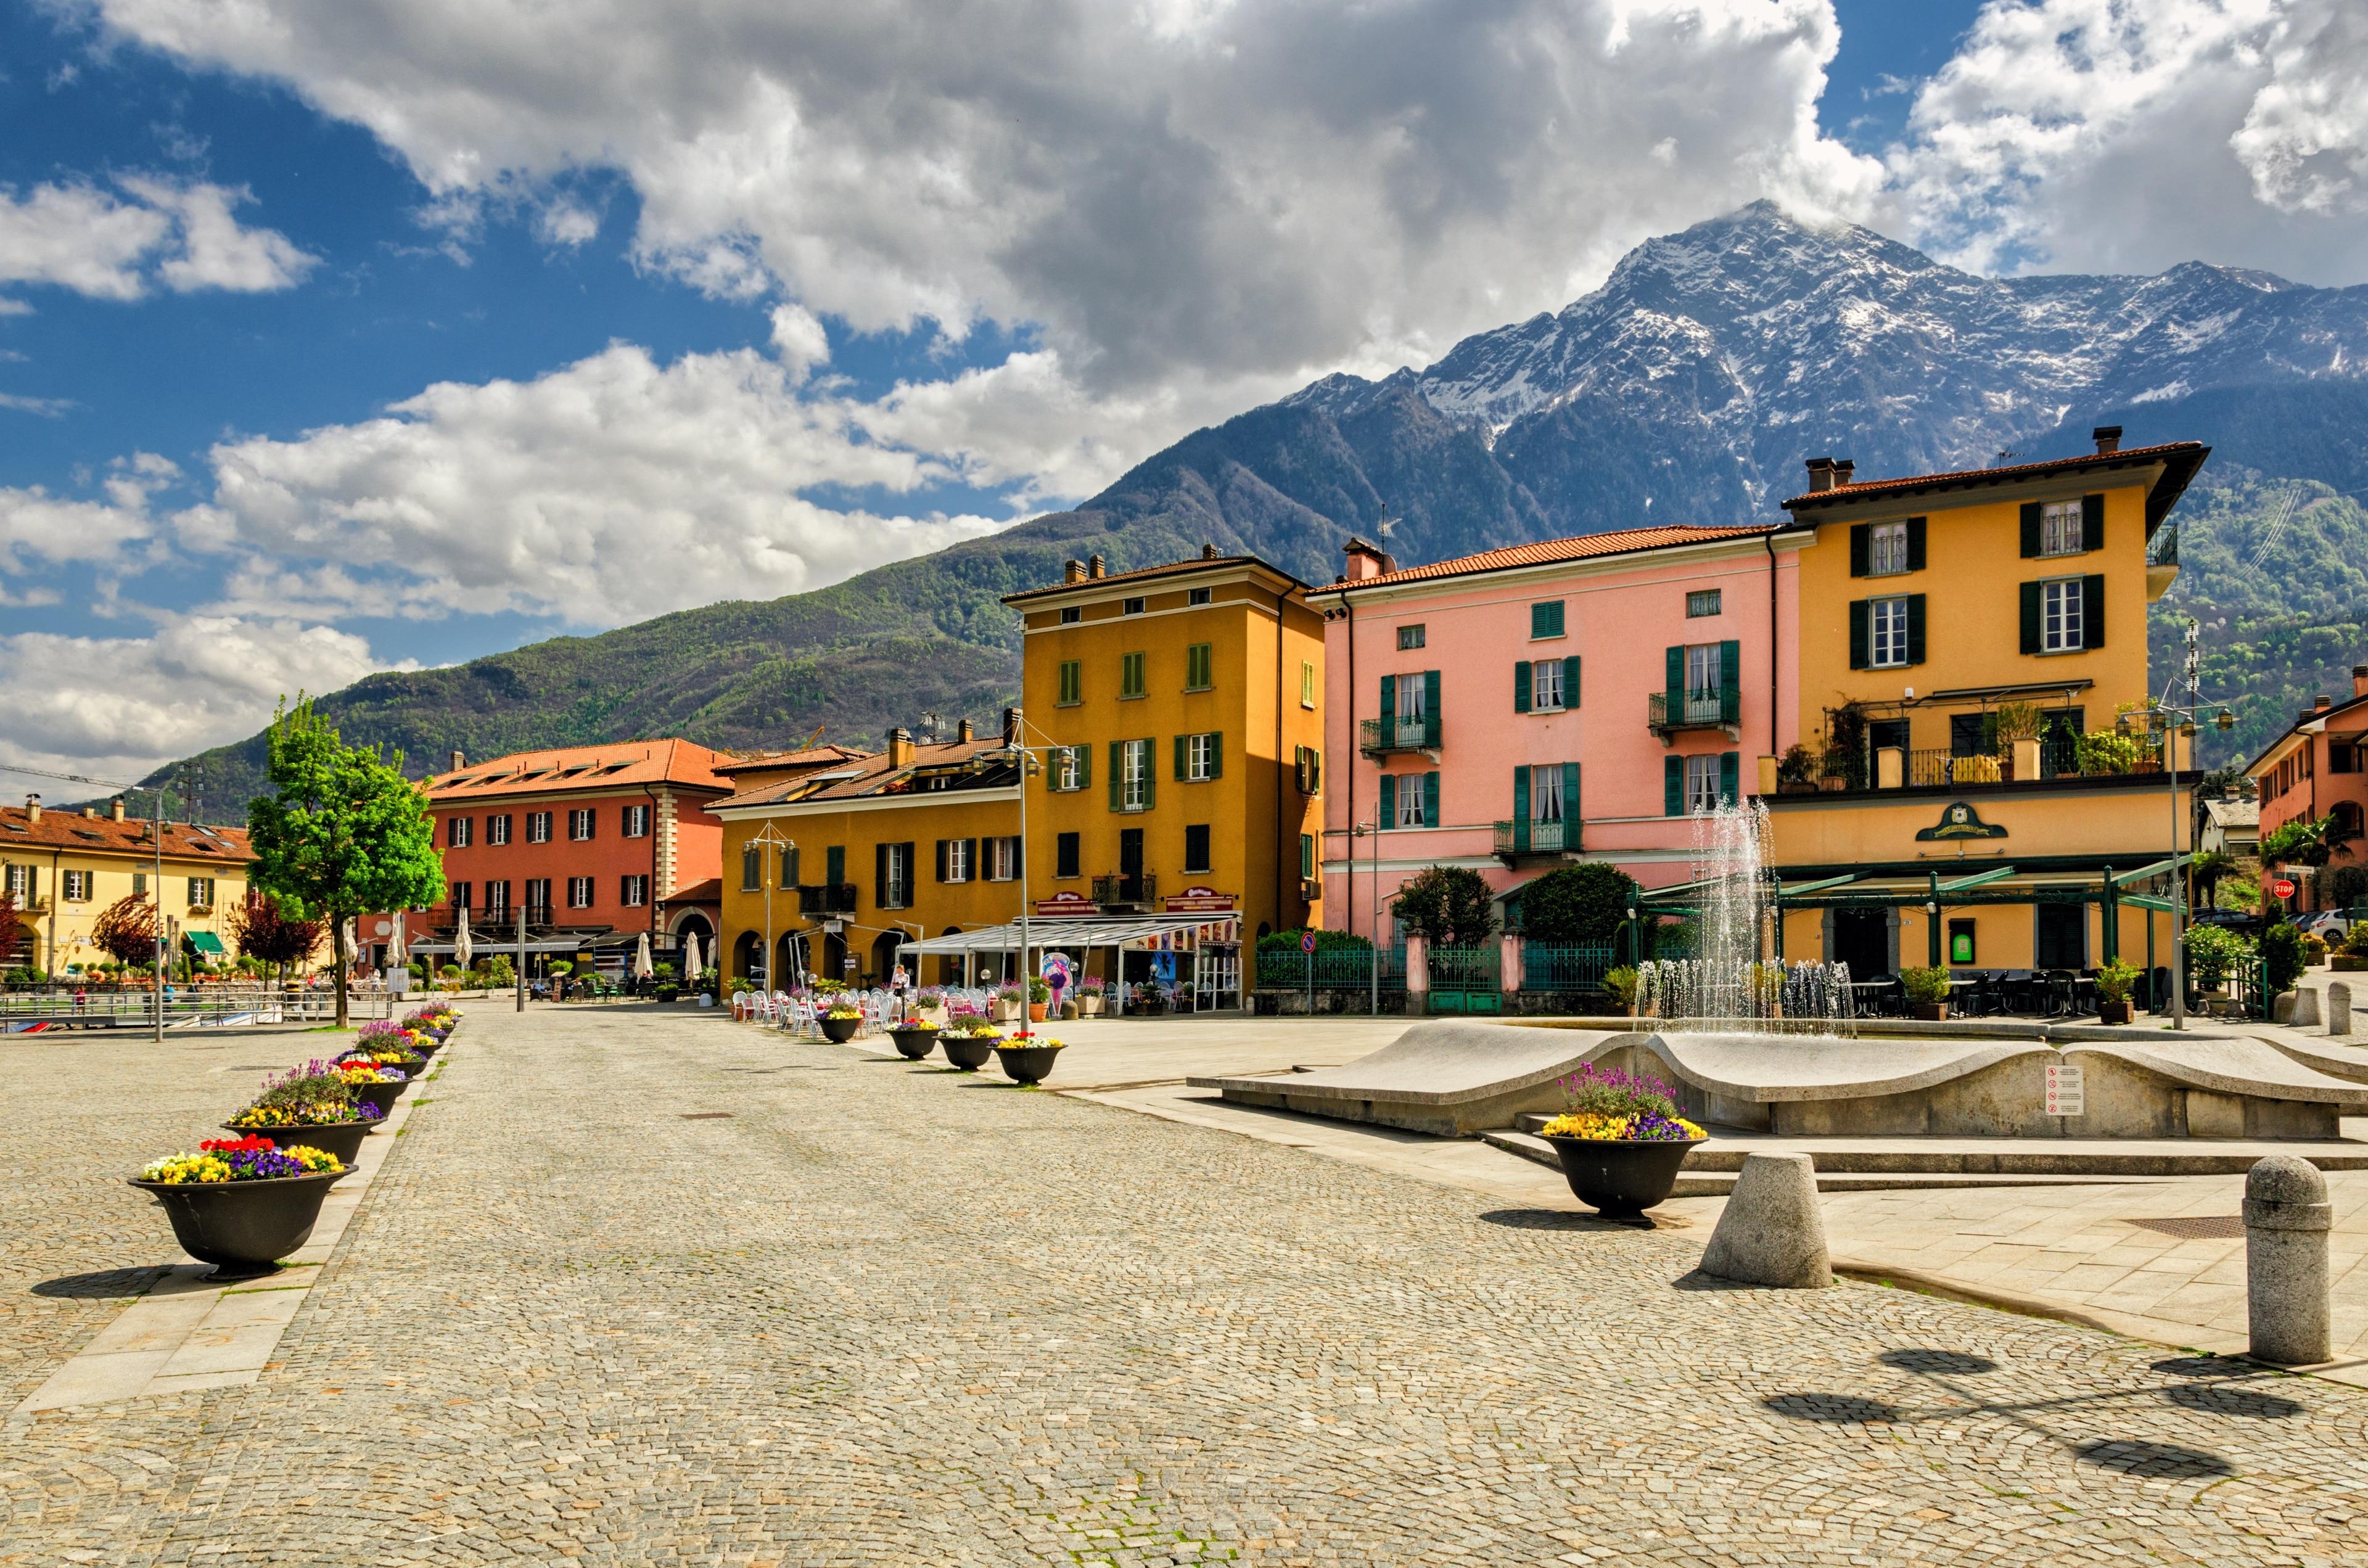 Domaso, Lombardy, Italy